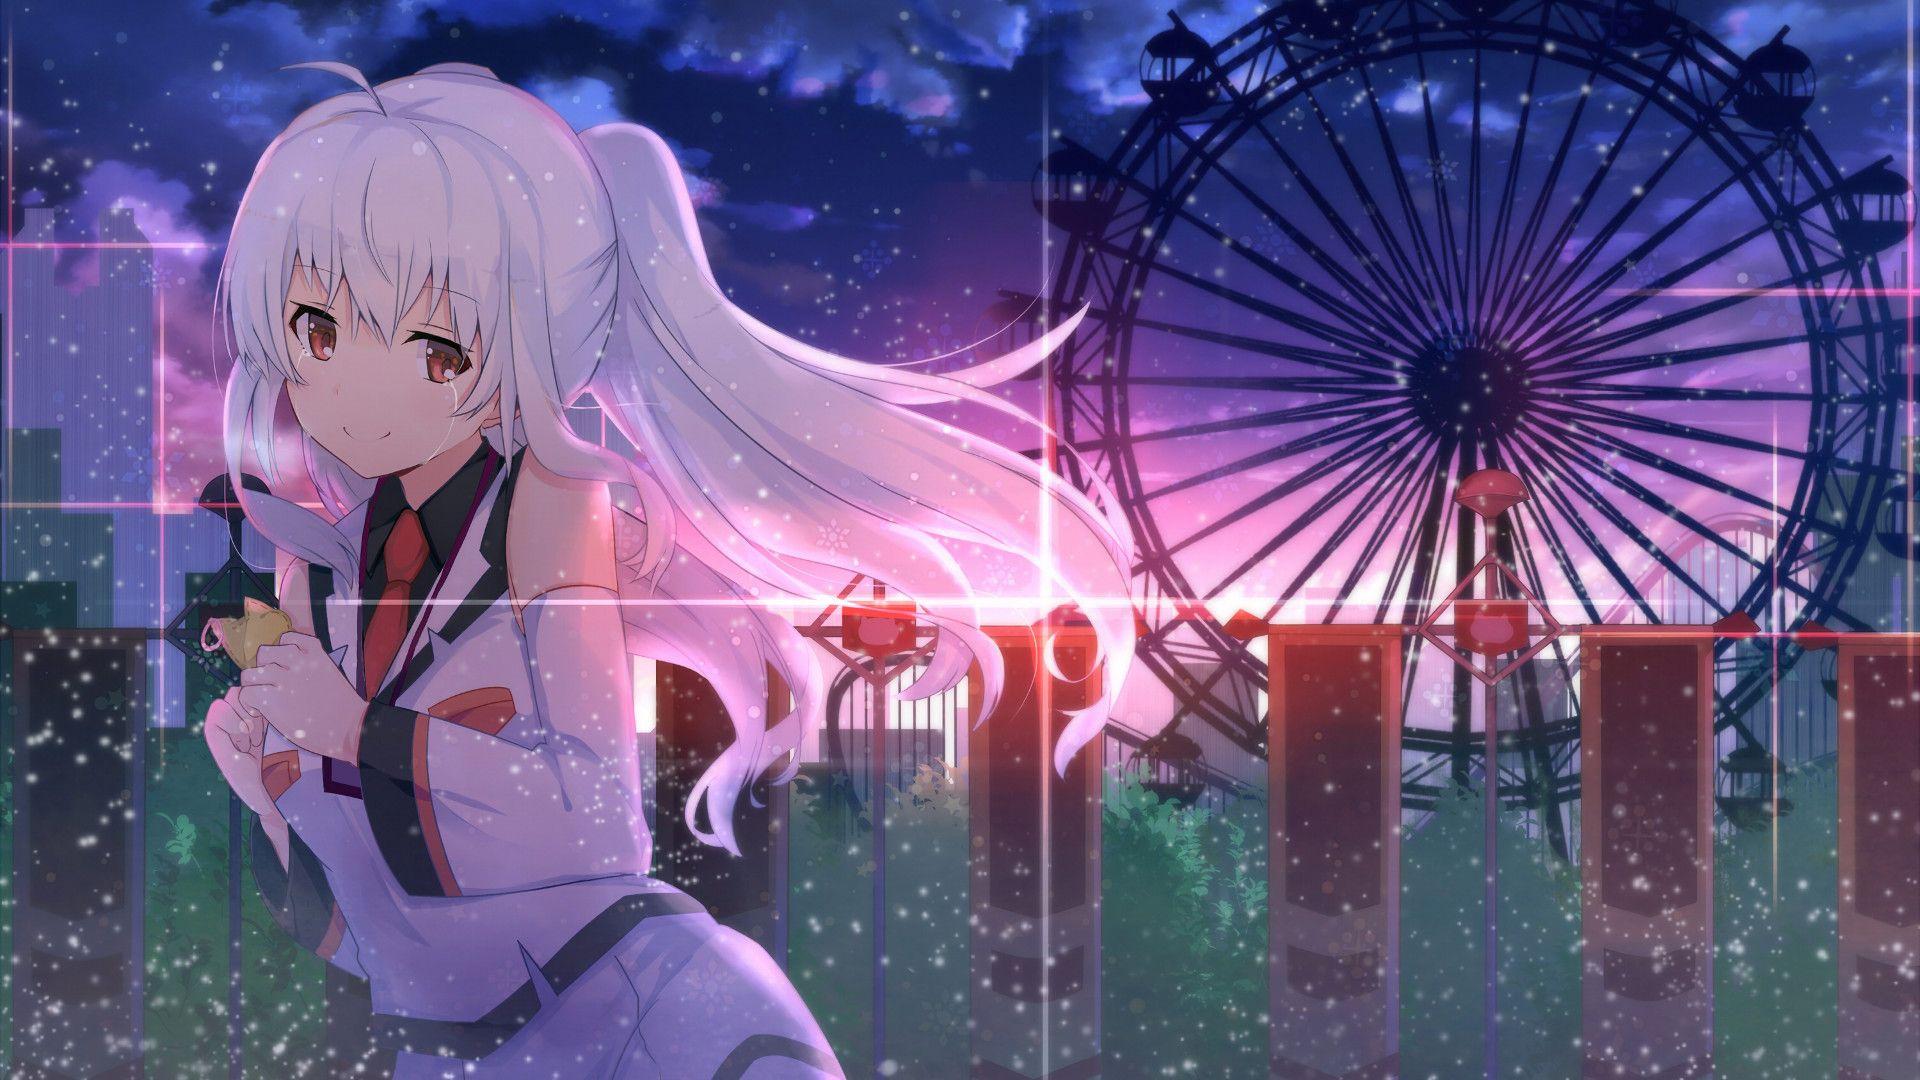 Plastic Memories Wallpapers 75 Images Plastic Memories Memories Anime Anime